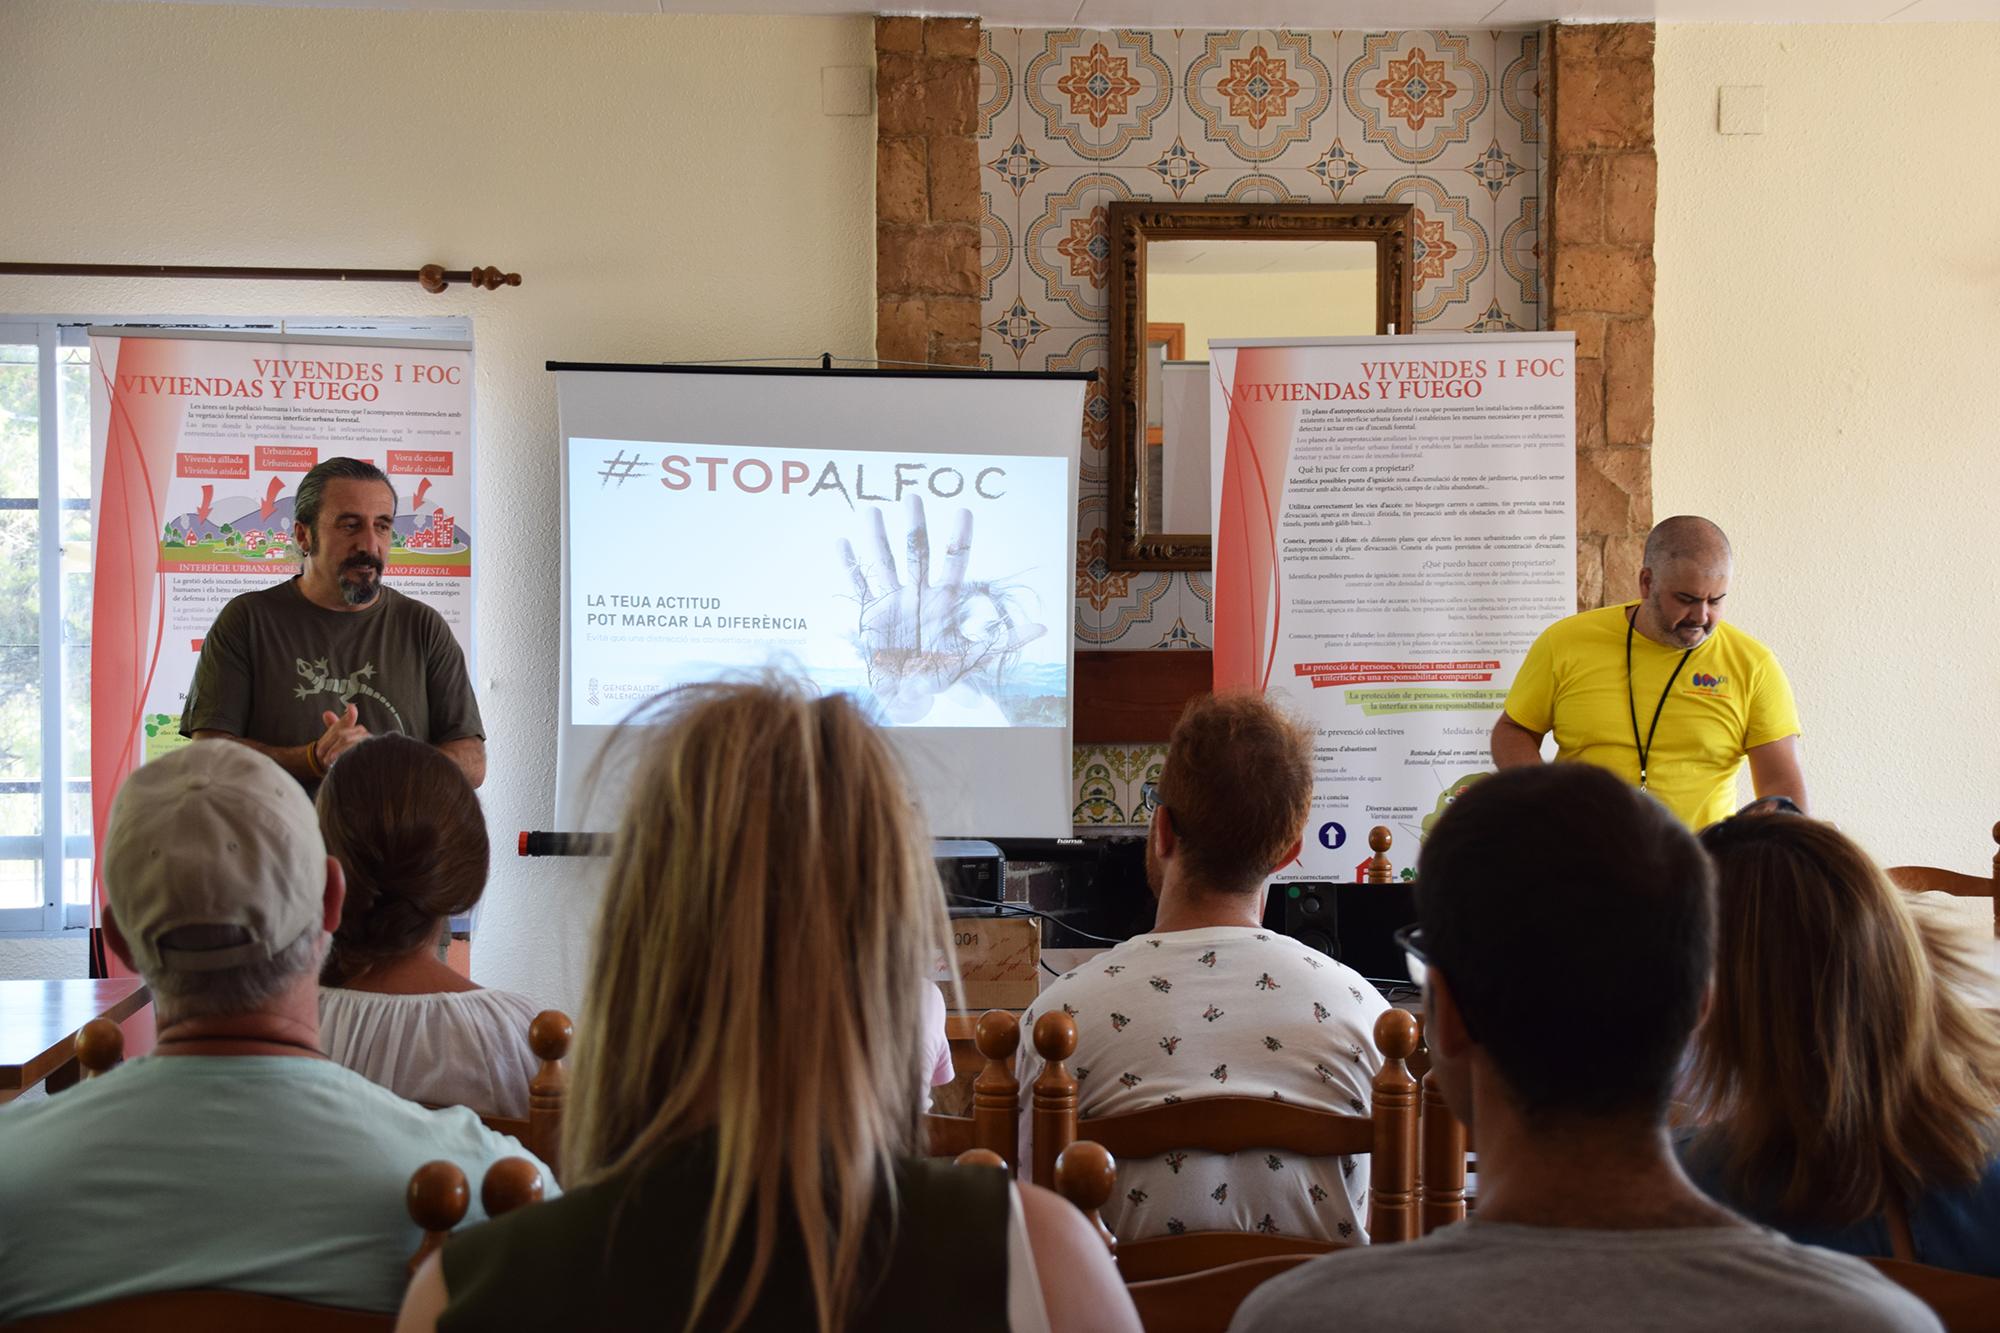 La charla tuvo lugar ayer en el Club Social de la urbanización Monte Horquera de Vilamarxant, con la asistencia de una treintena de personas.